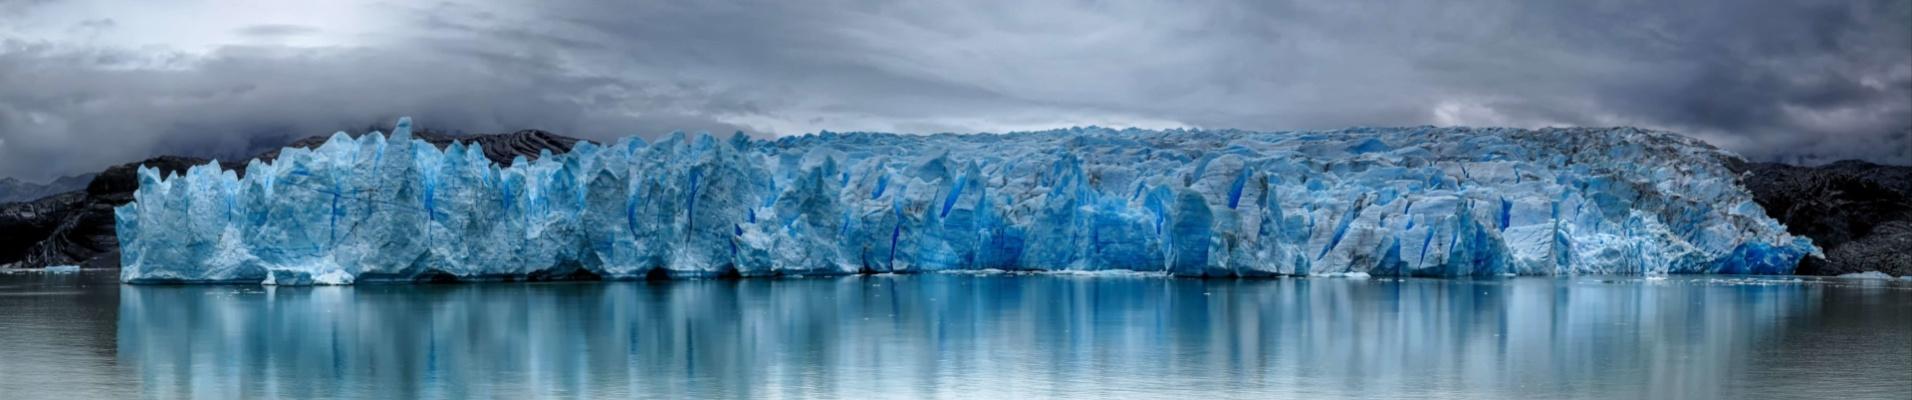 glacier-crey-cover